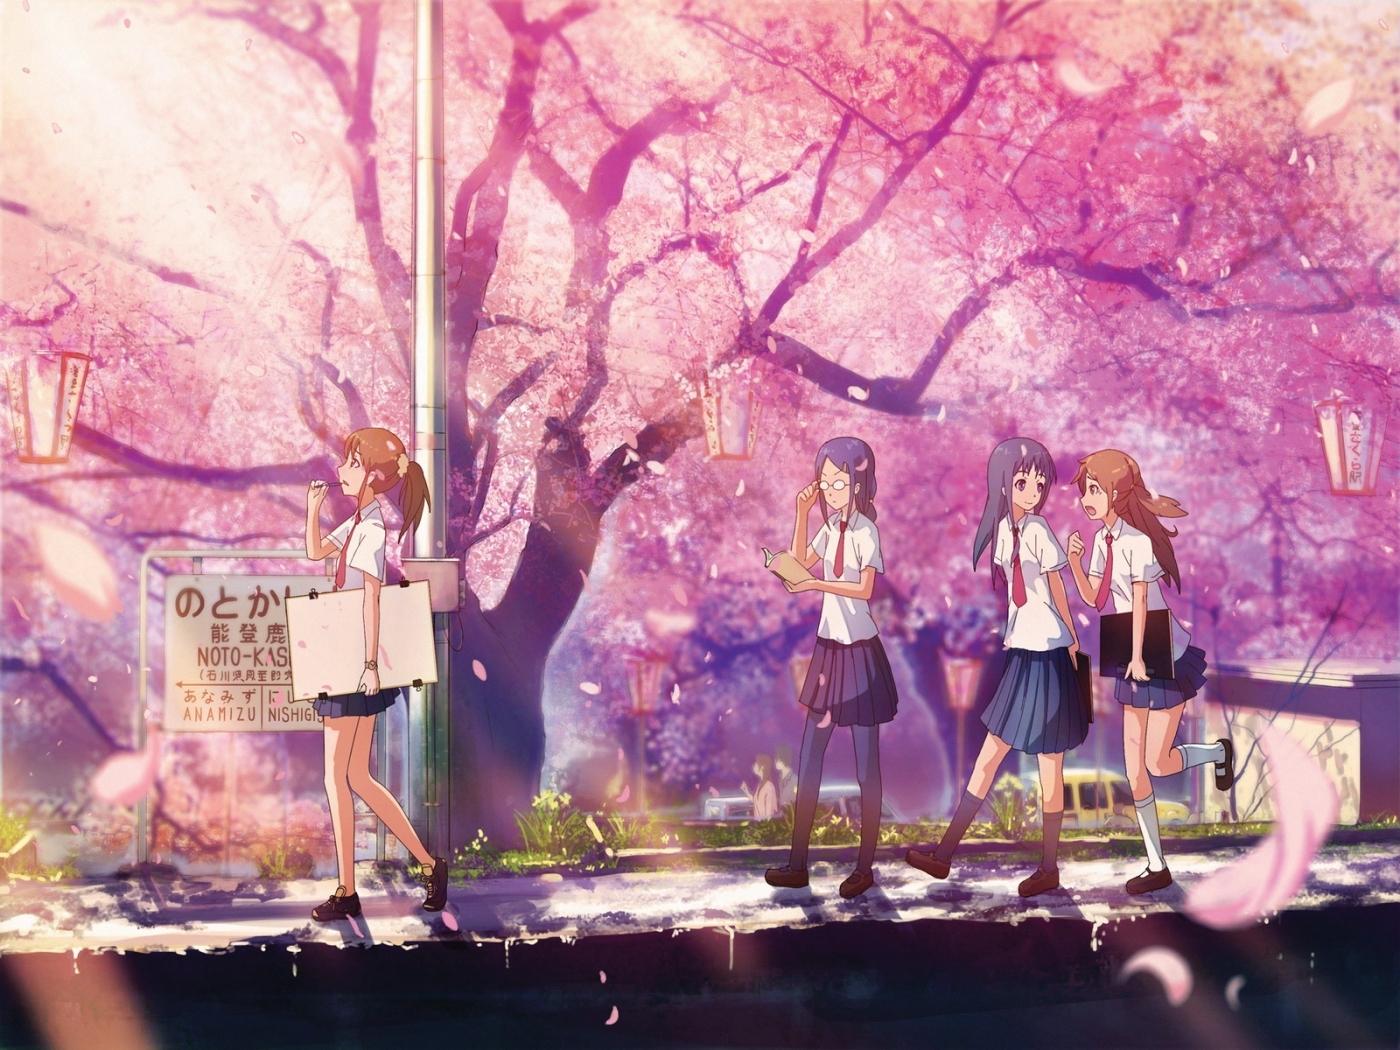 39832 papel de parede 240x320 em seu telefone gratuitamente, baixe imagens Anime, Meninas 240x320 em seu celular